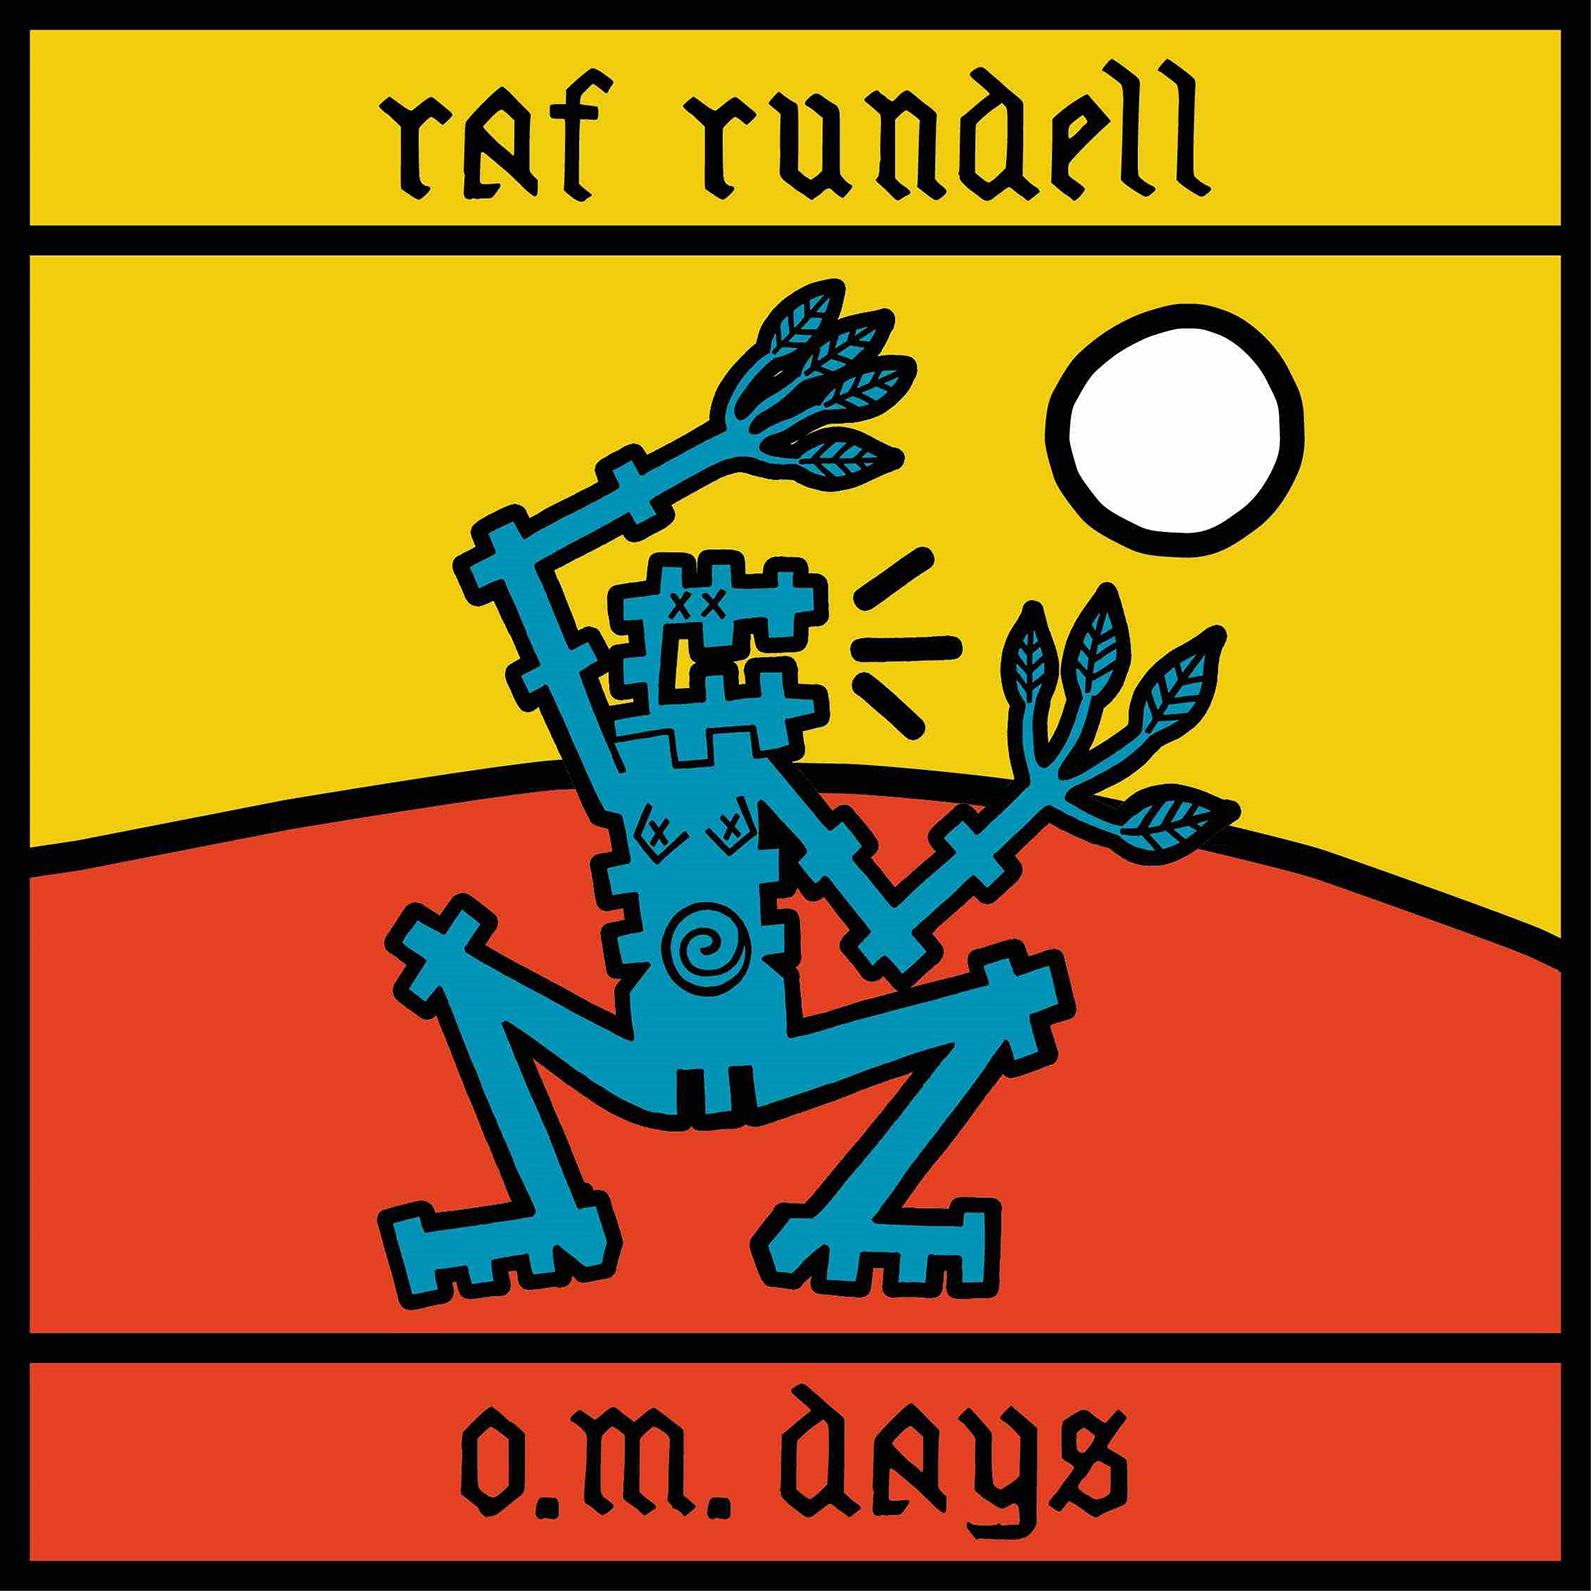 Raf Rundell - O.M. Days